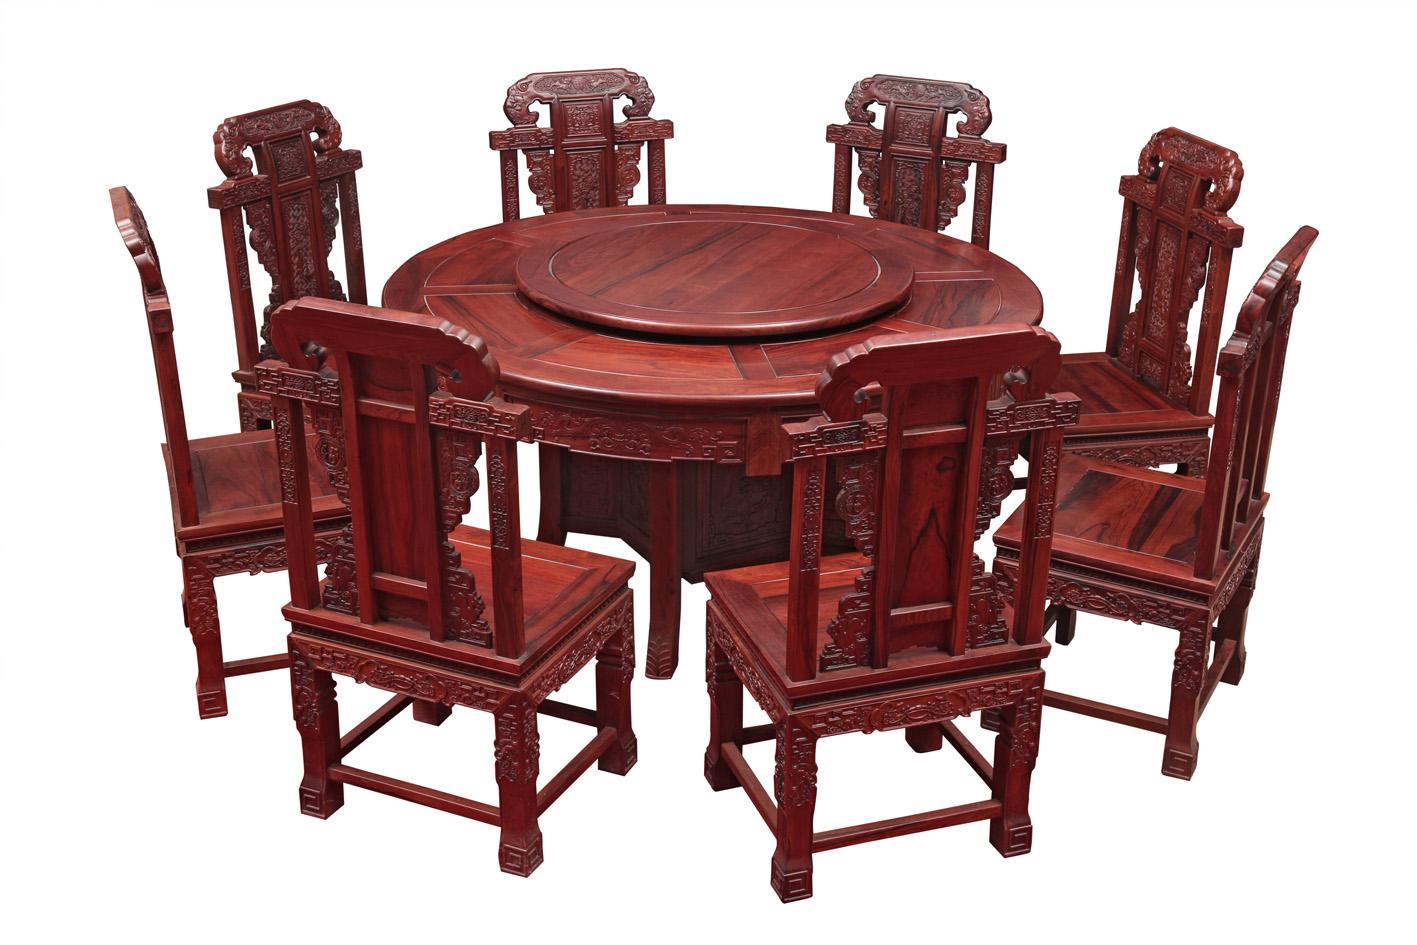 红木雕花圆桌_古典红木素面雕花圆桌餐桌九件套